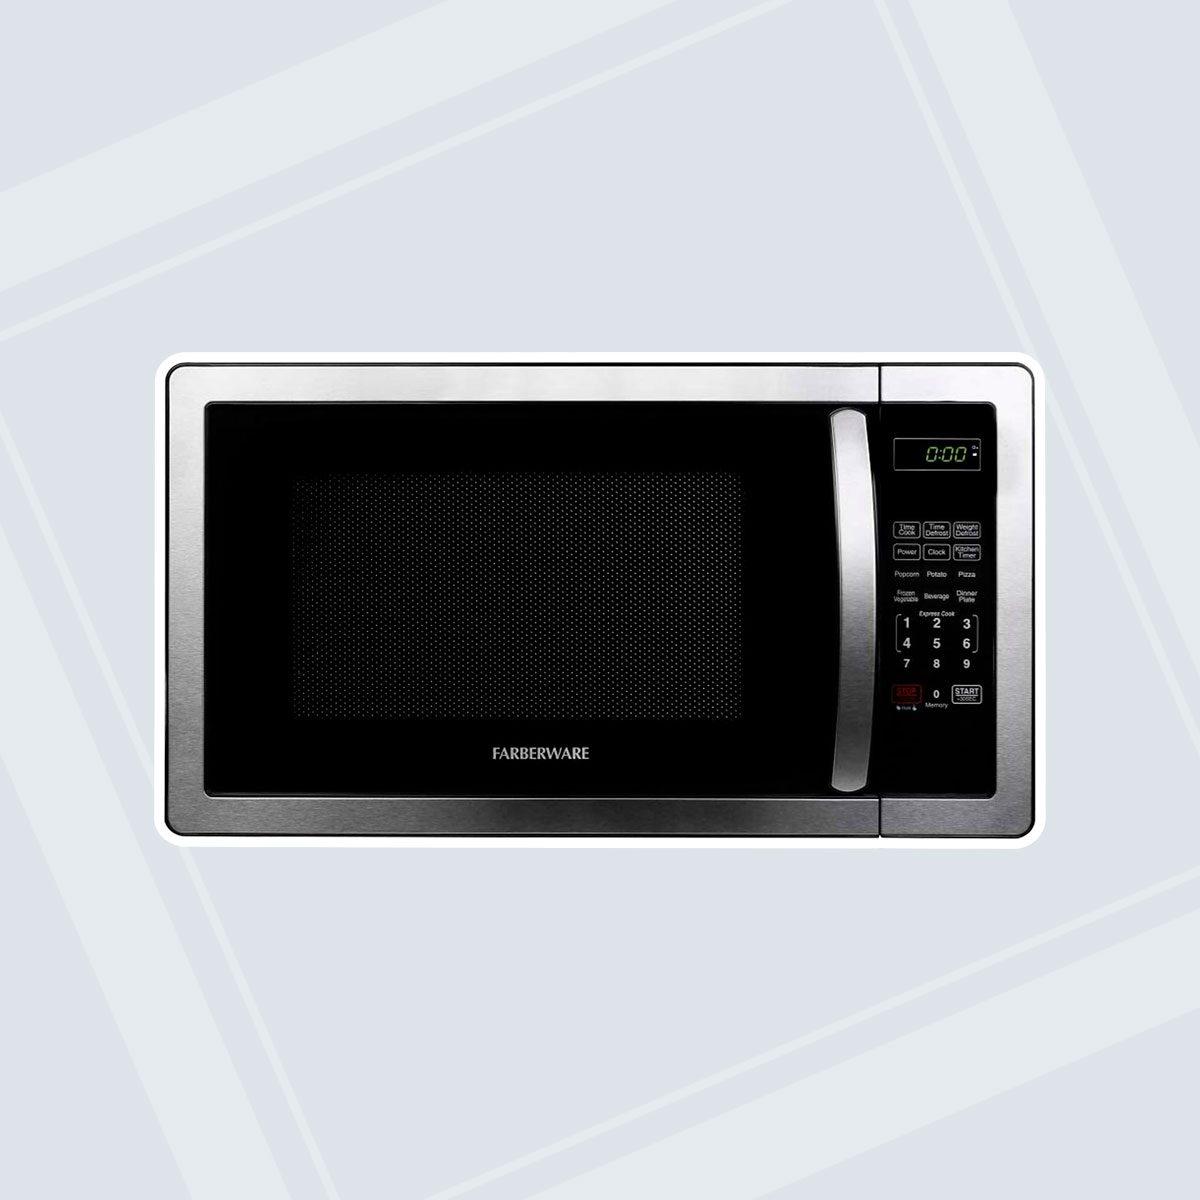 Farberware 1000-Watt Stainless Steel Microwave